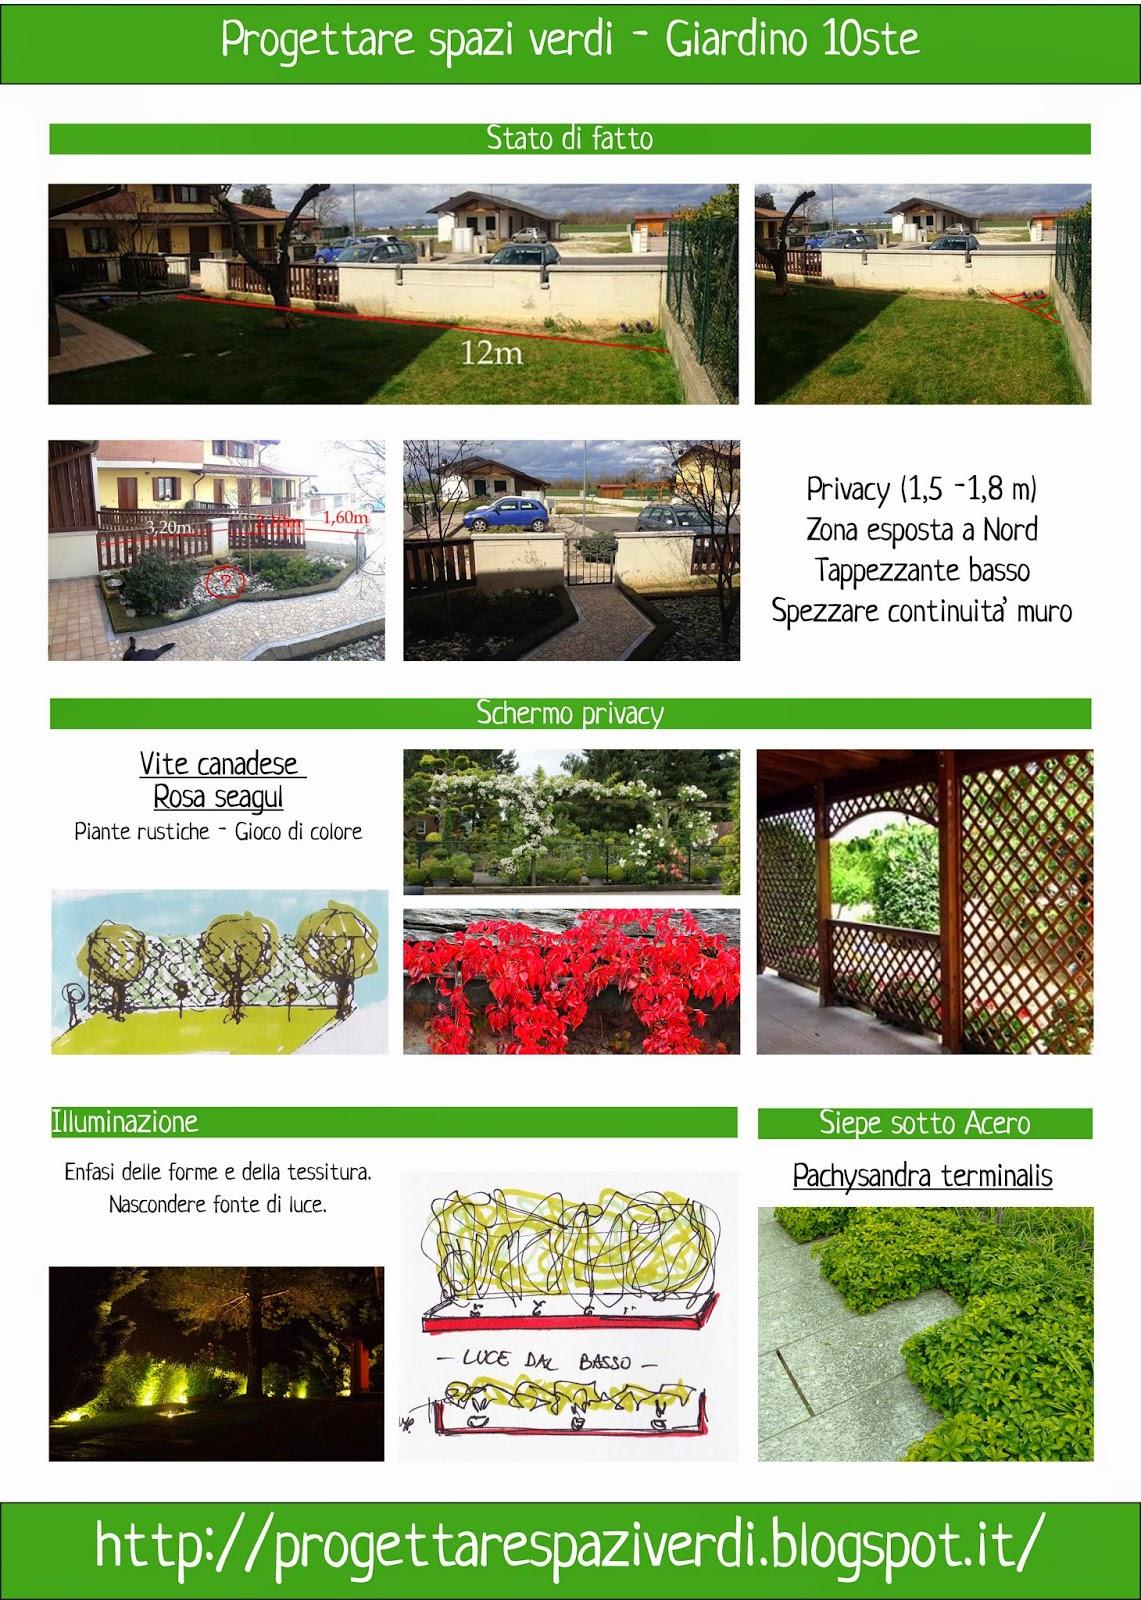 Progettare spazi verdi idee giardino 10ste for Progettare spazi verdi